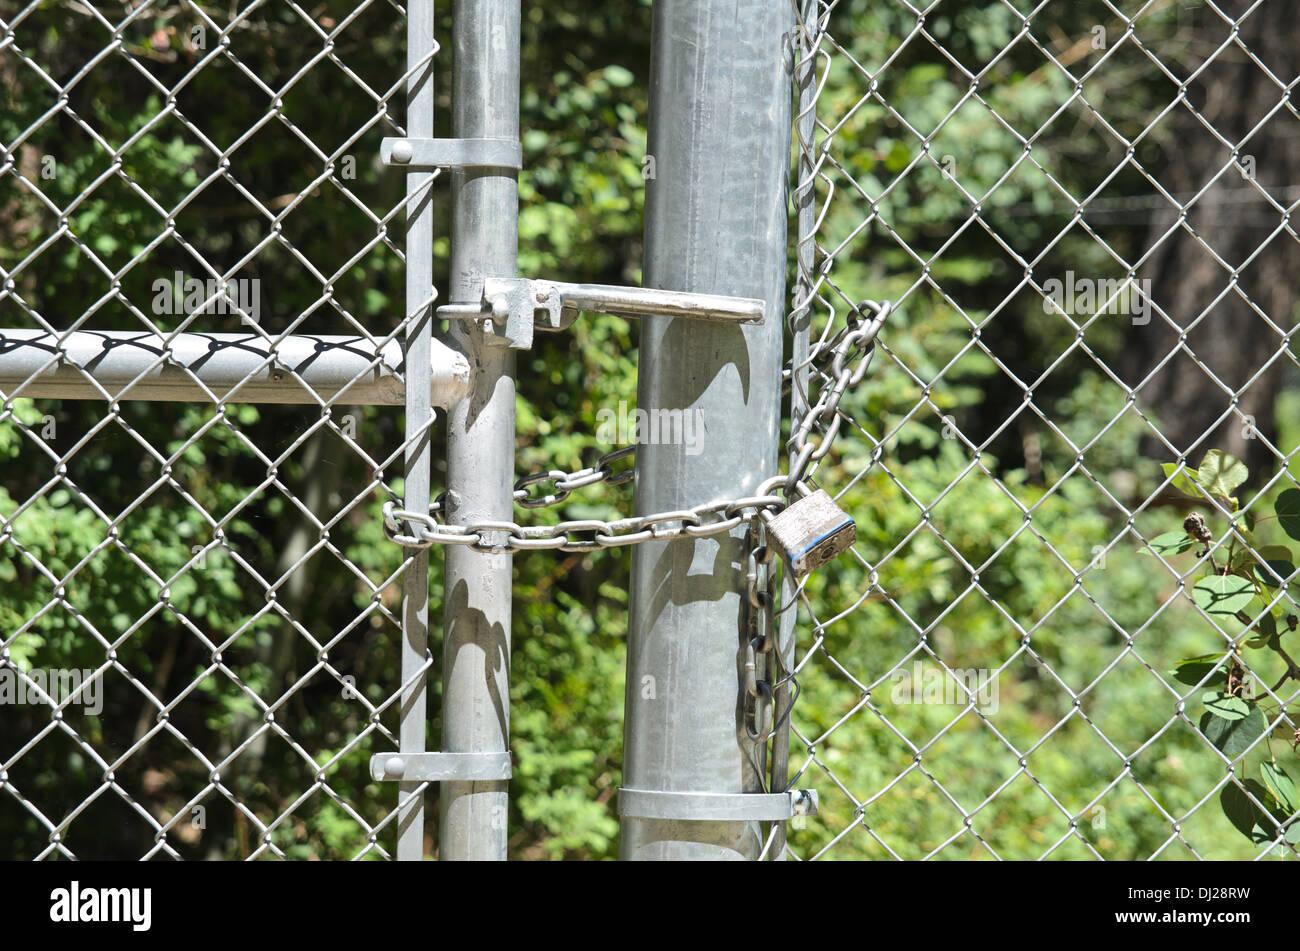 Gefesselt und verschlossenen Zaun mit Kette Stockfoto, Bild ...